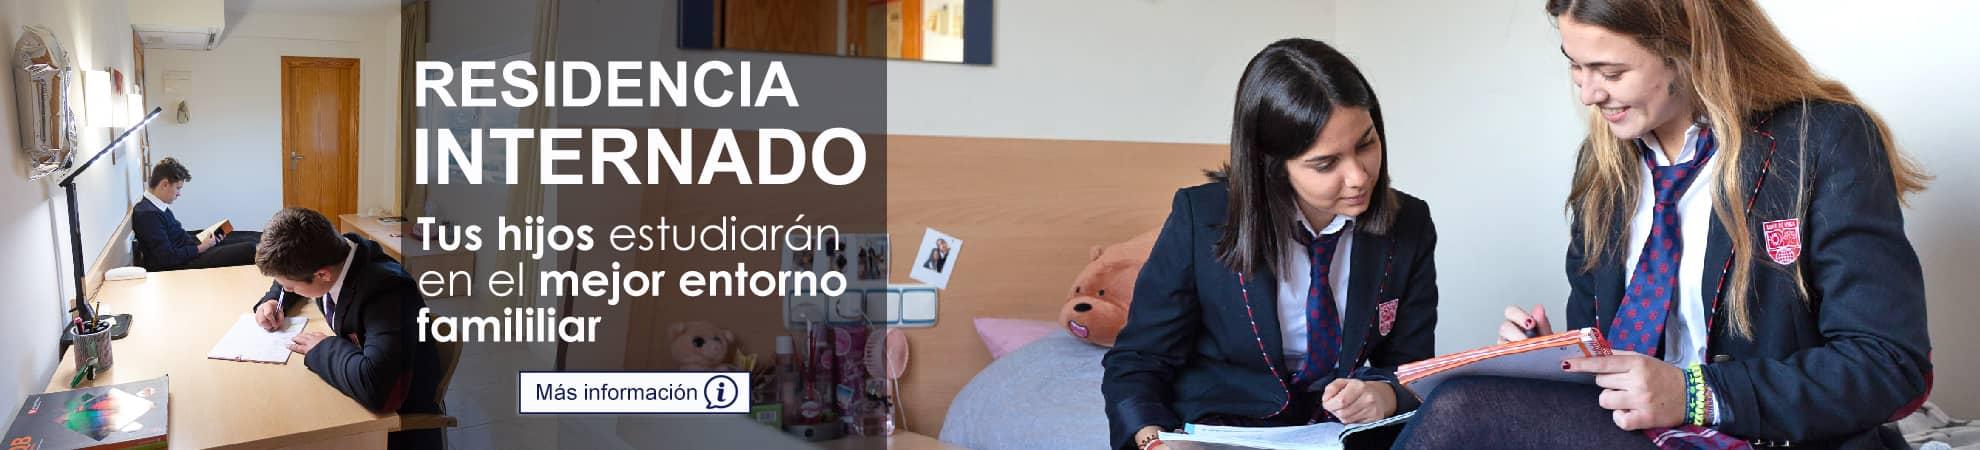 RESIDENCIA-INTERNADO-2021